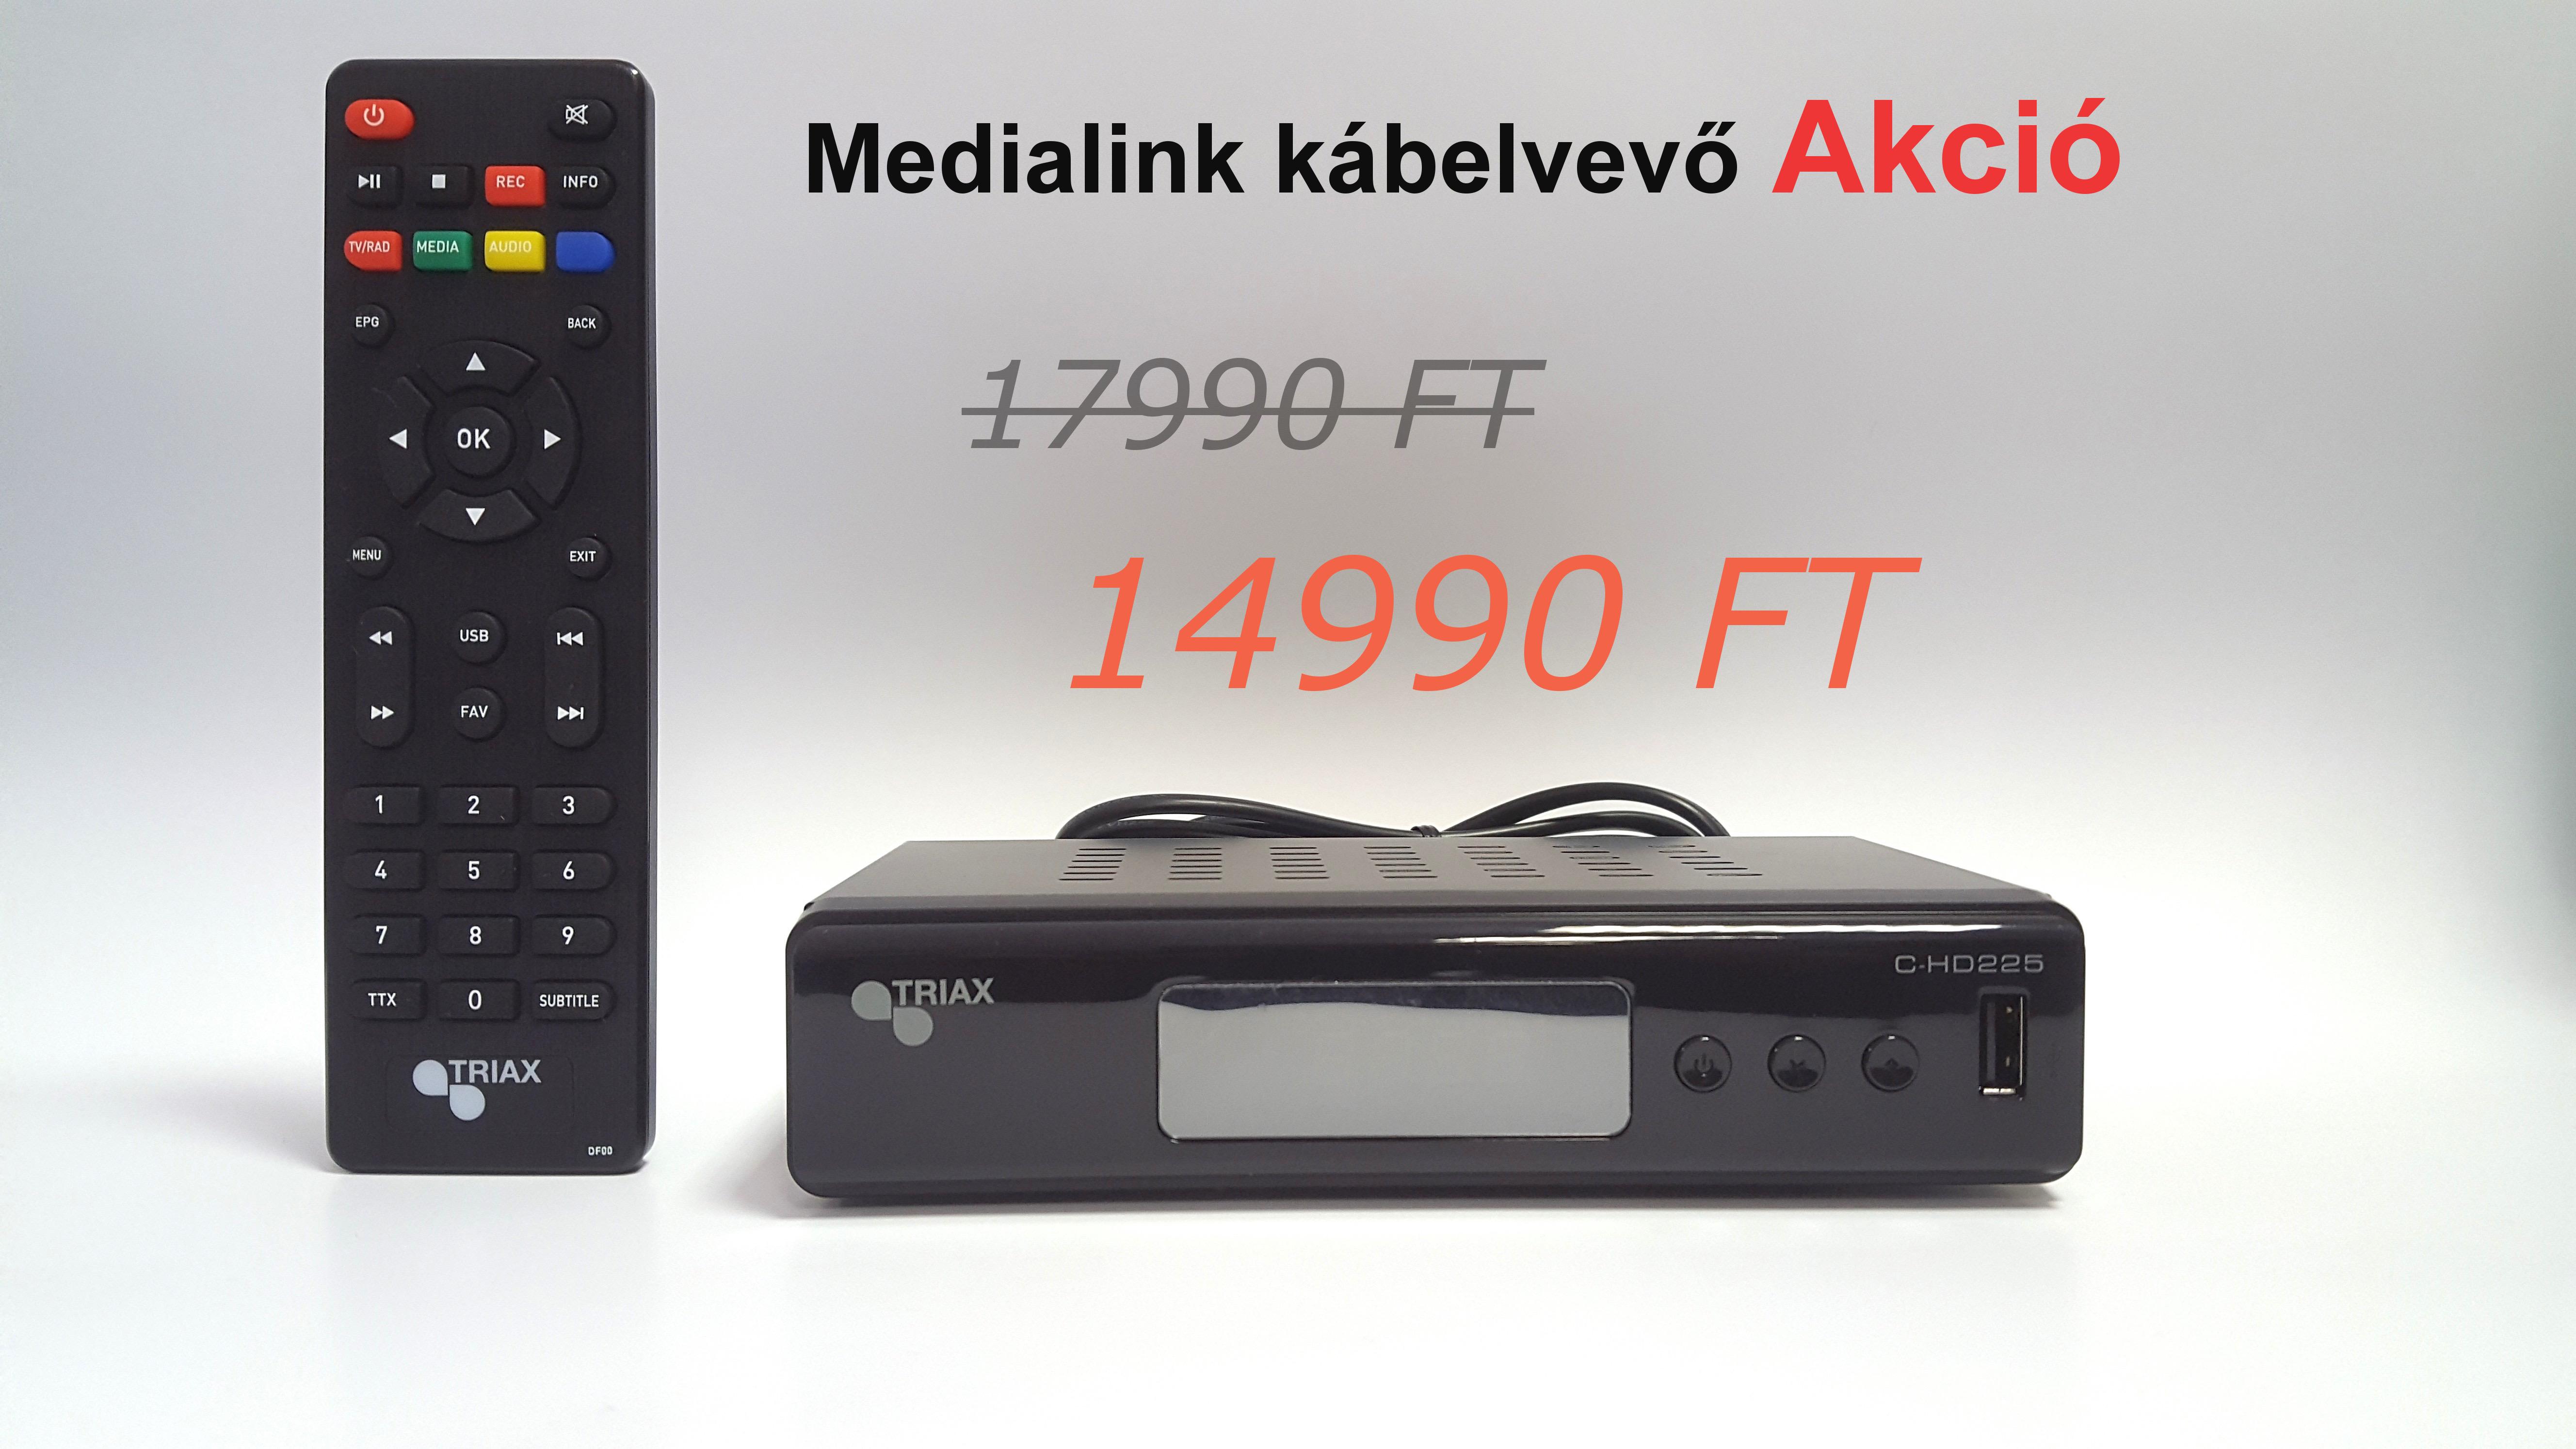 Triax HD kábelvevő